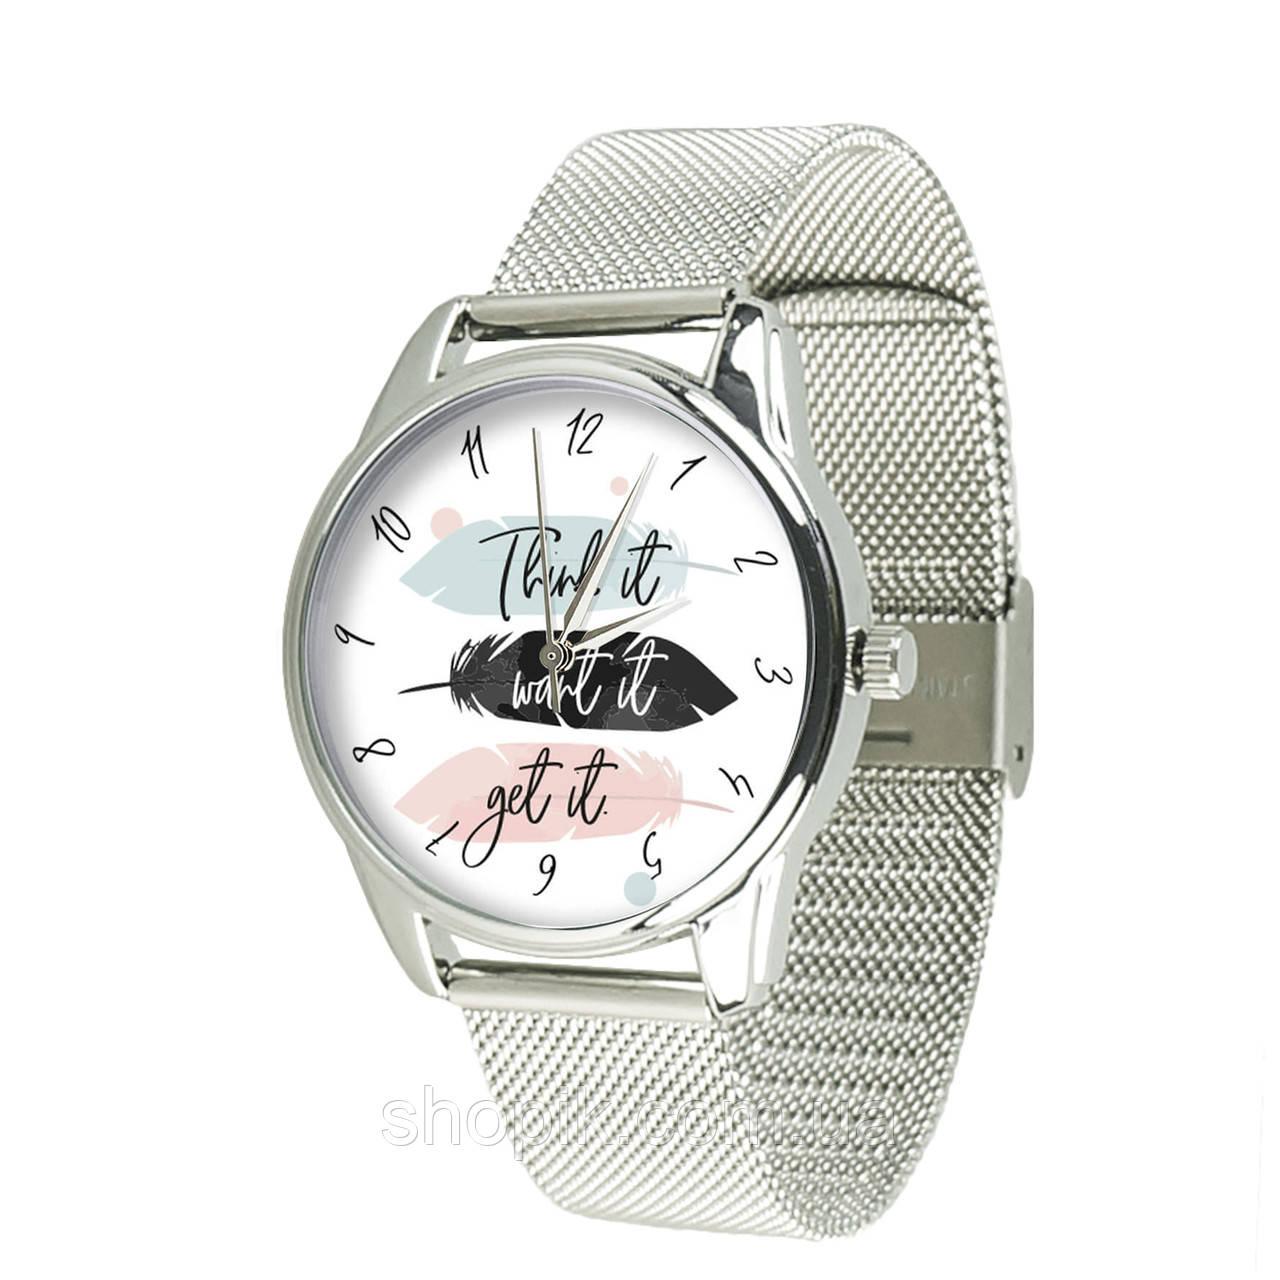 Годинник ZIZ Думай бажай отримуй (ремінець з нержавіючої сталі срібло) + додатковий ремінець SHOPIK